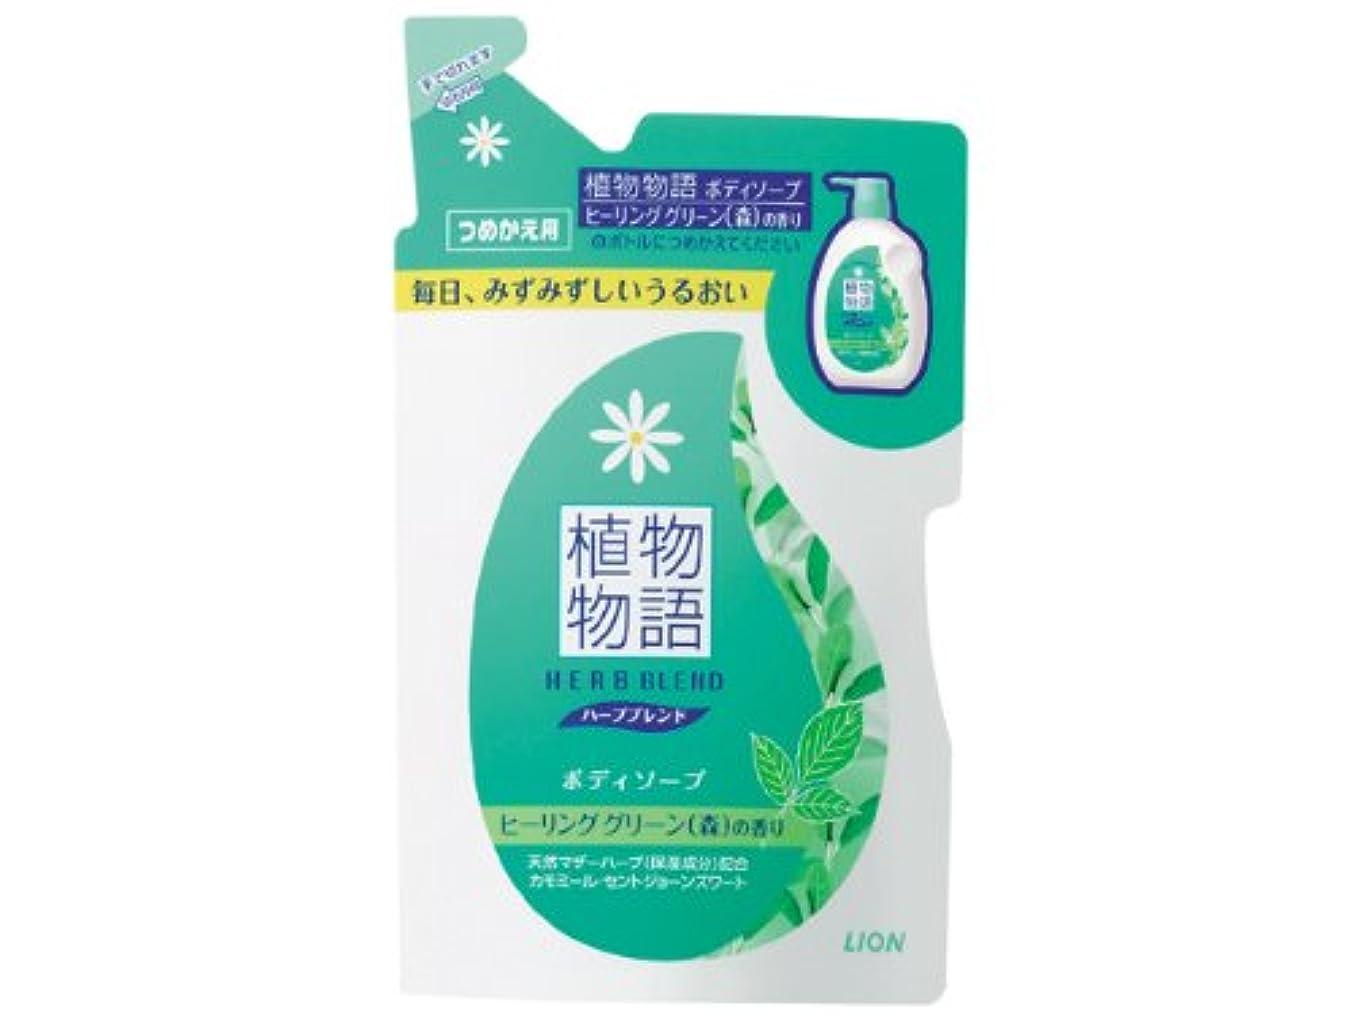 激しいカーテンフライト植物物語 ハーブブレンド ボディソープ ヒーリンググリーン(森)の香り つめかえ用 420ml